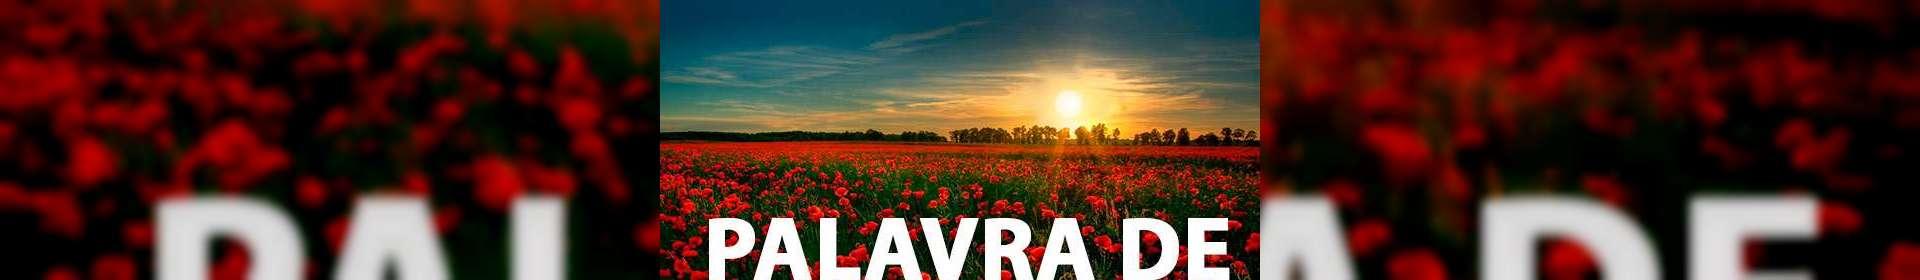 Salmos 18:29 - Uma Palavra de Esperança para sua vida